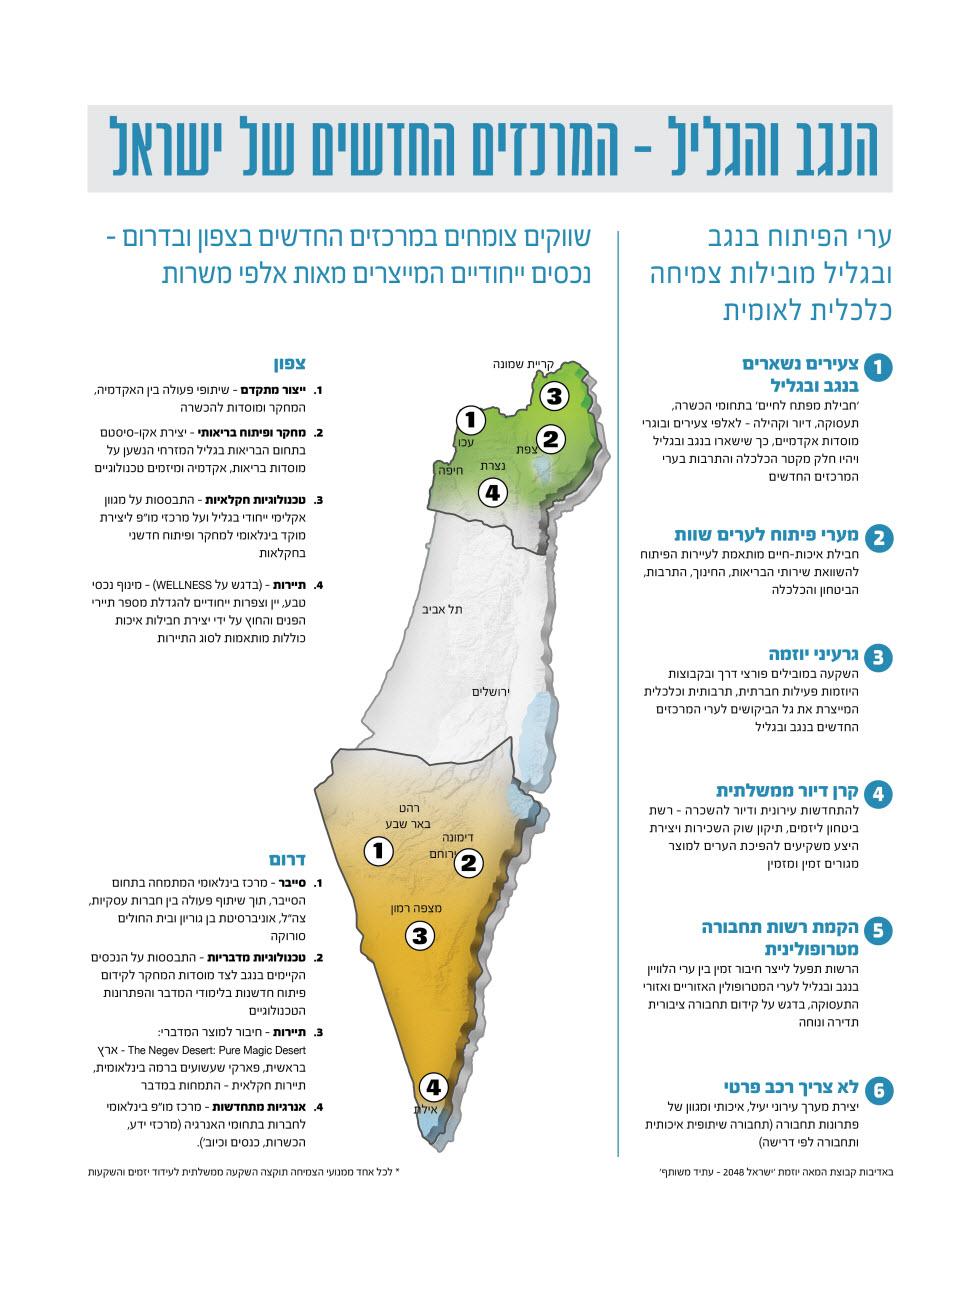 המרכזים החדשים של ישראל (הנתונים באדיבות תנועת אור)